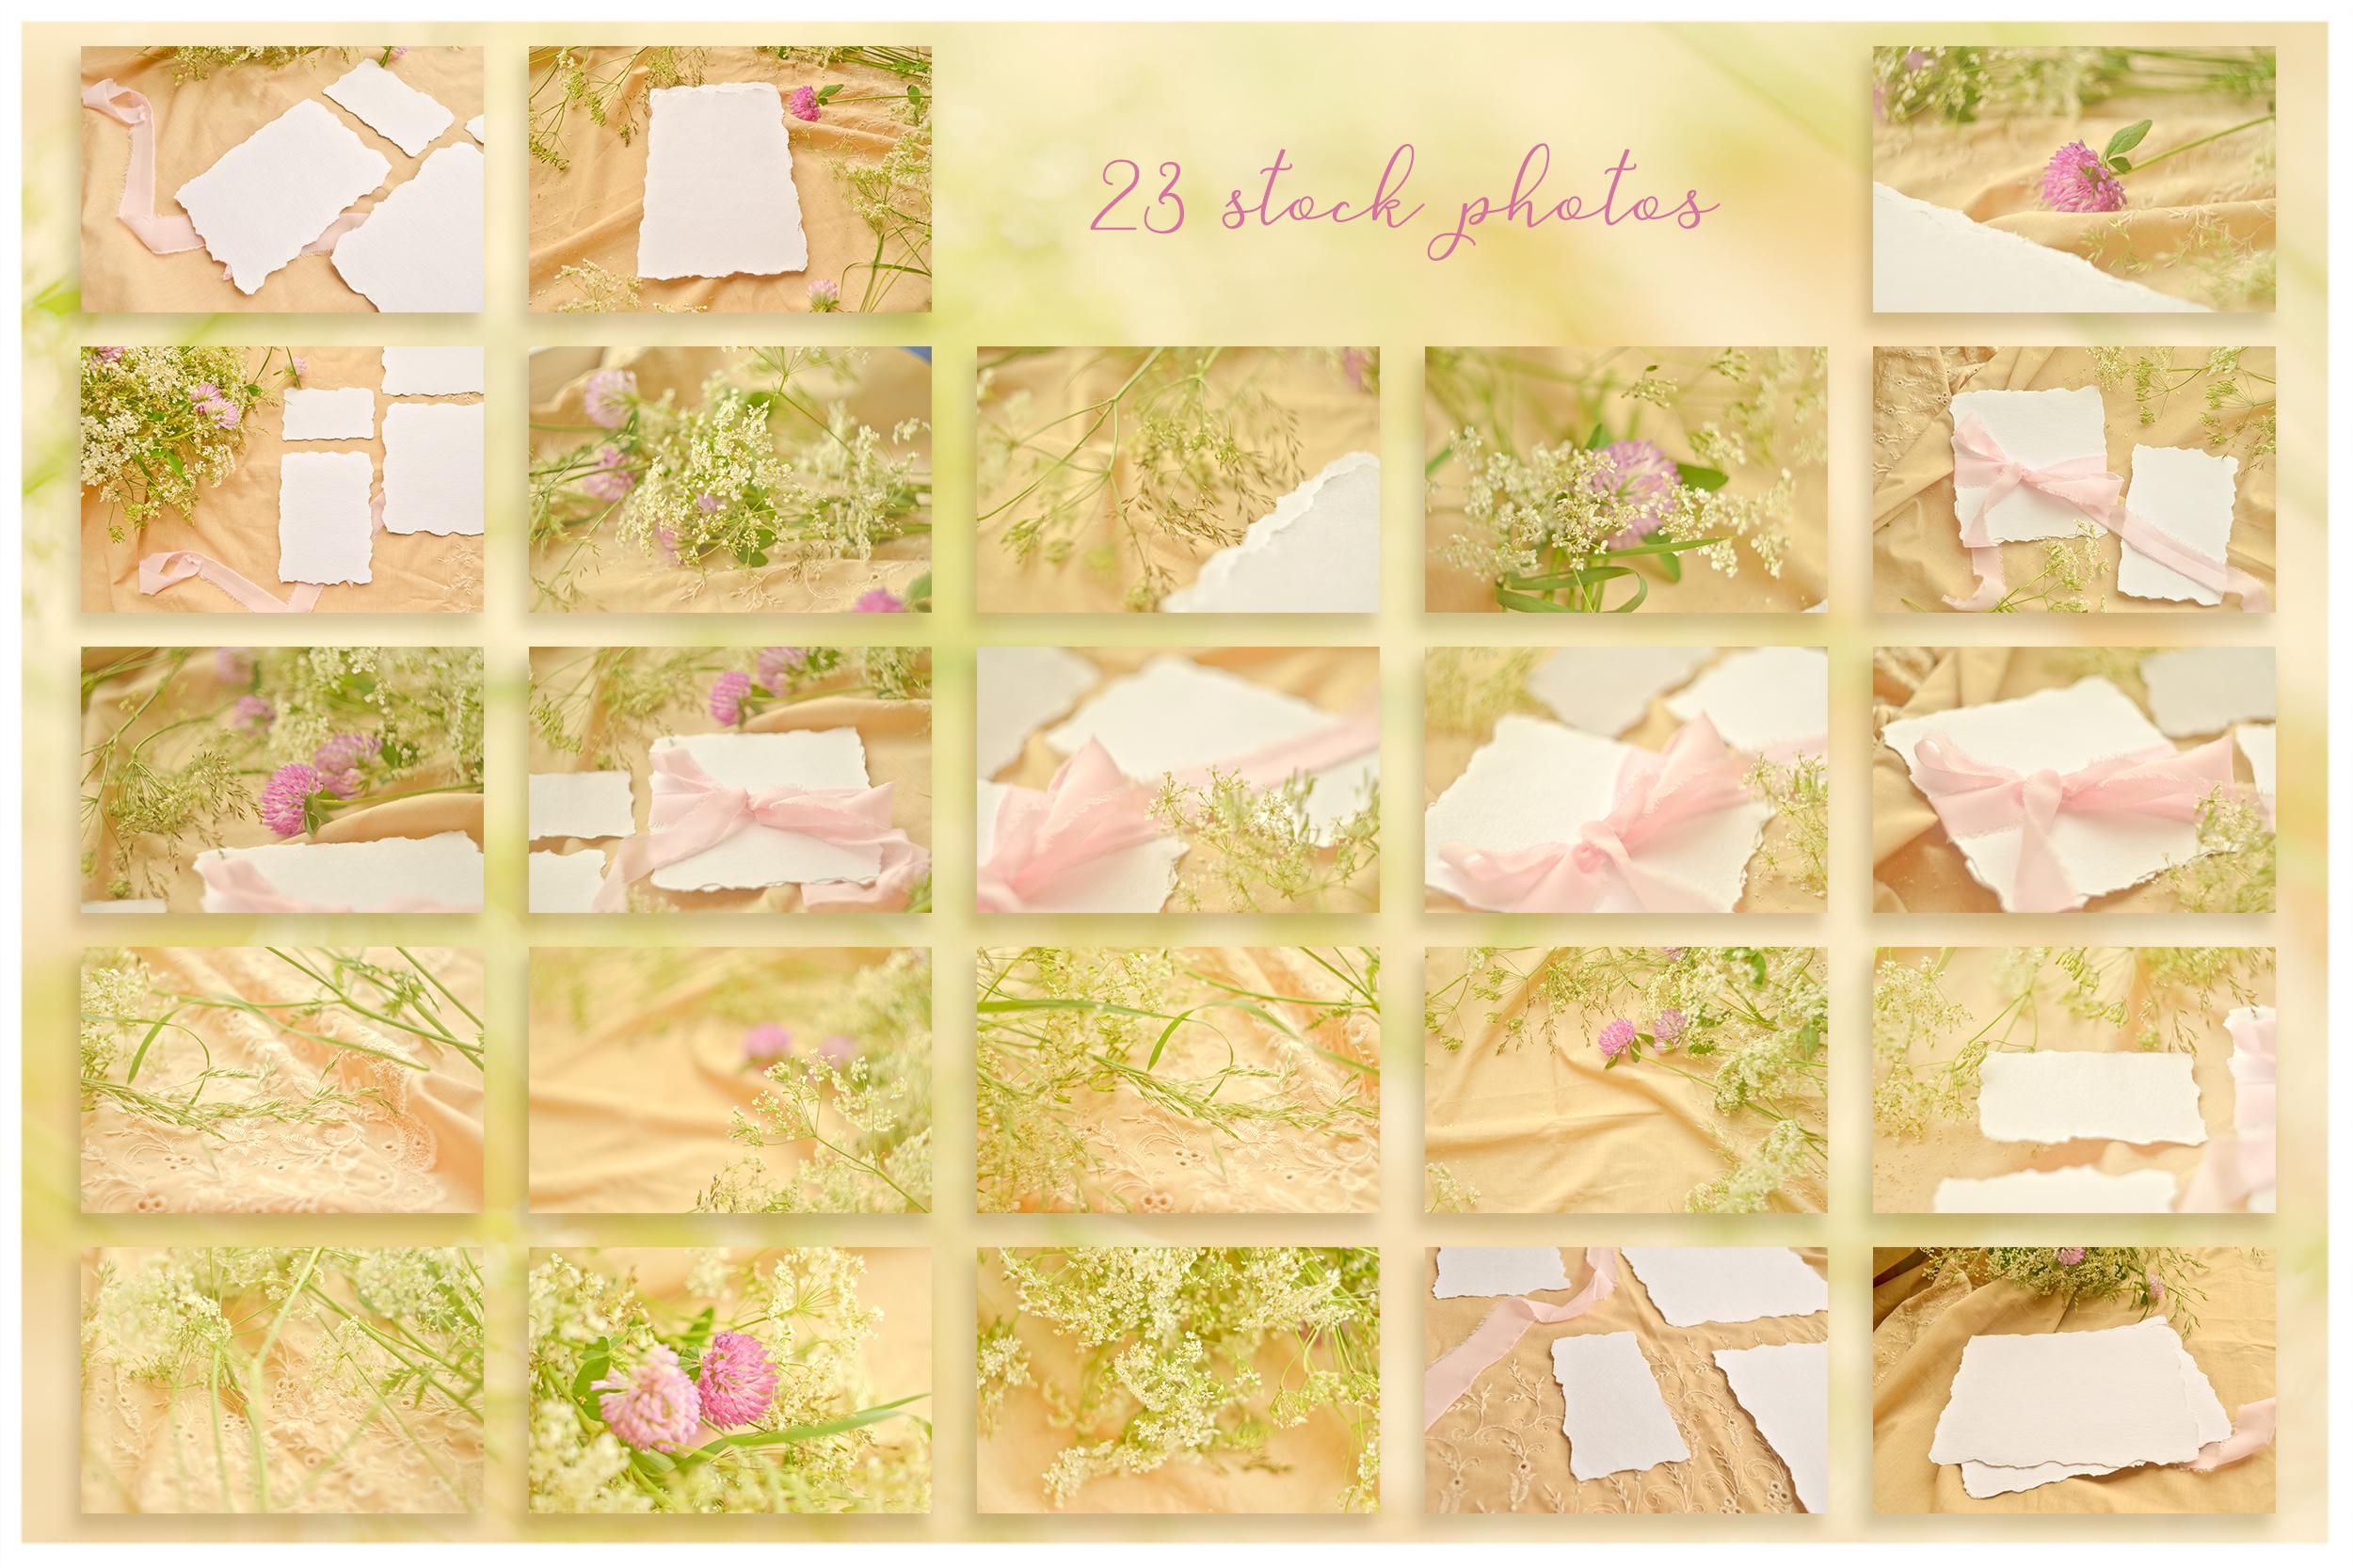 Honey Meadow. Wedding mockups & stock photo bundle example image 12